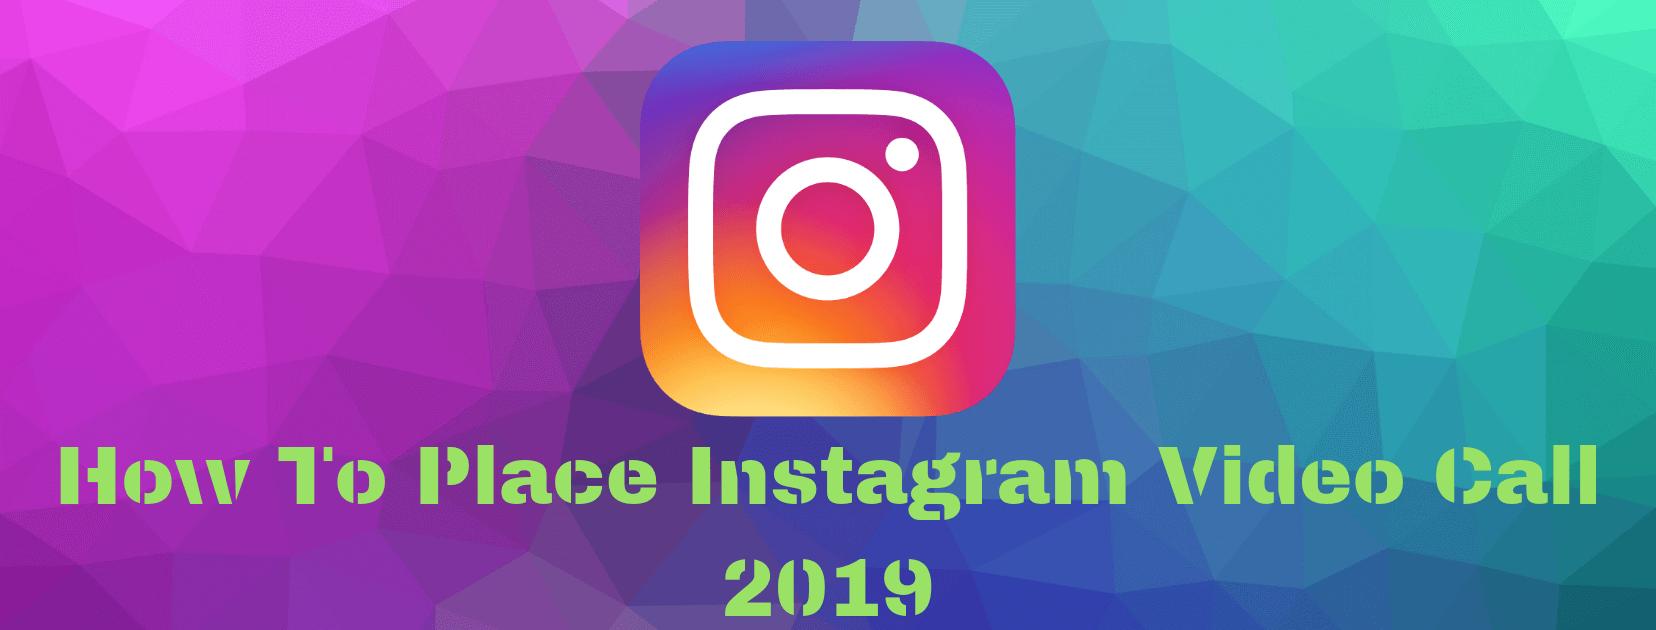 Kuinka sijoittaa Instagram Videopuhelu 2019 (askel askeleelta)